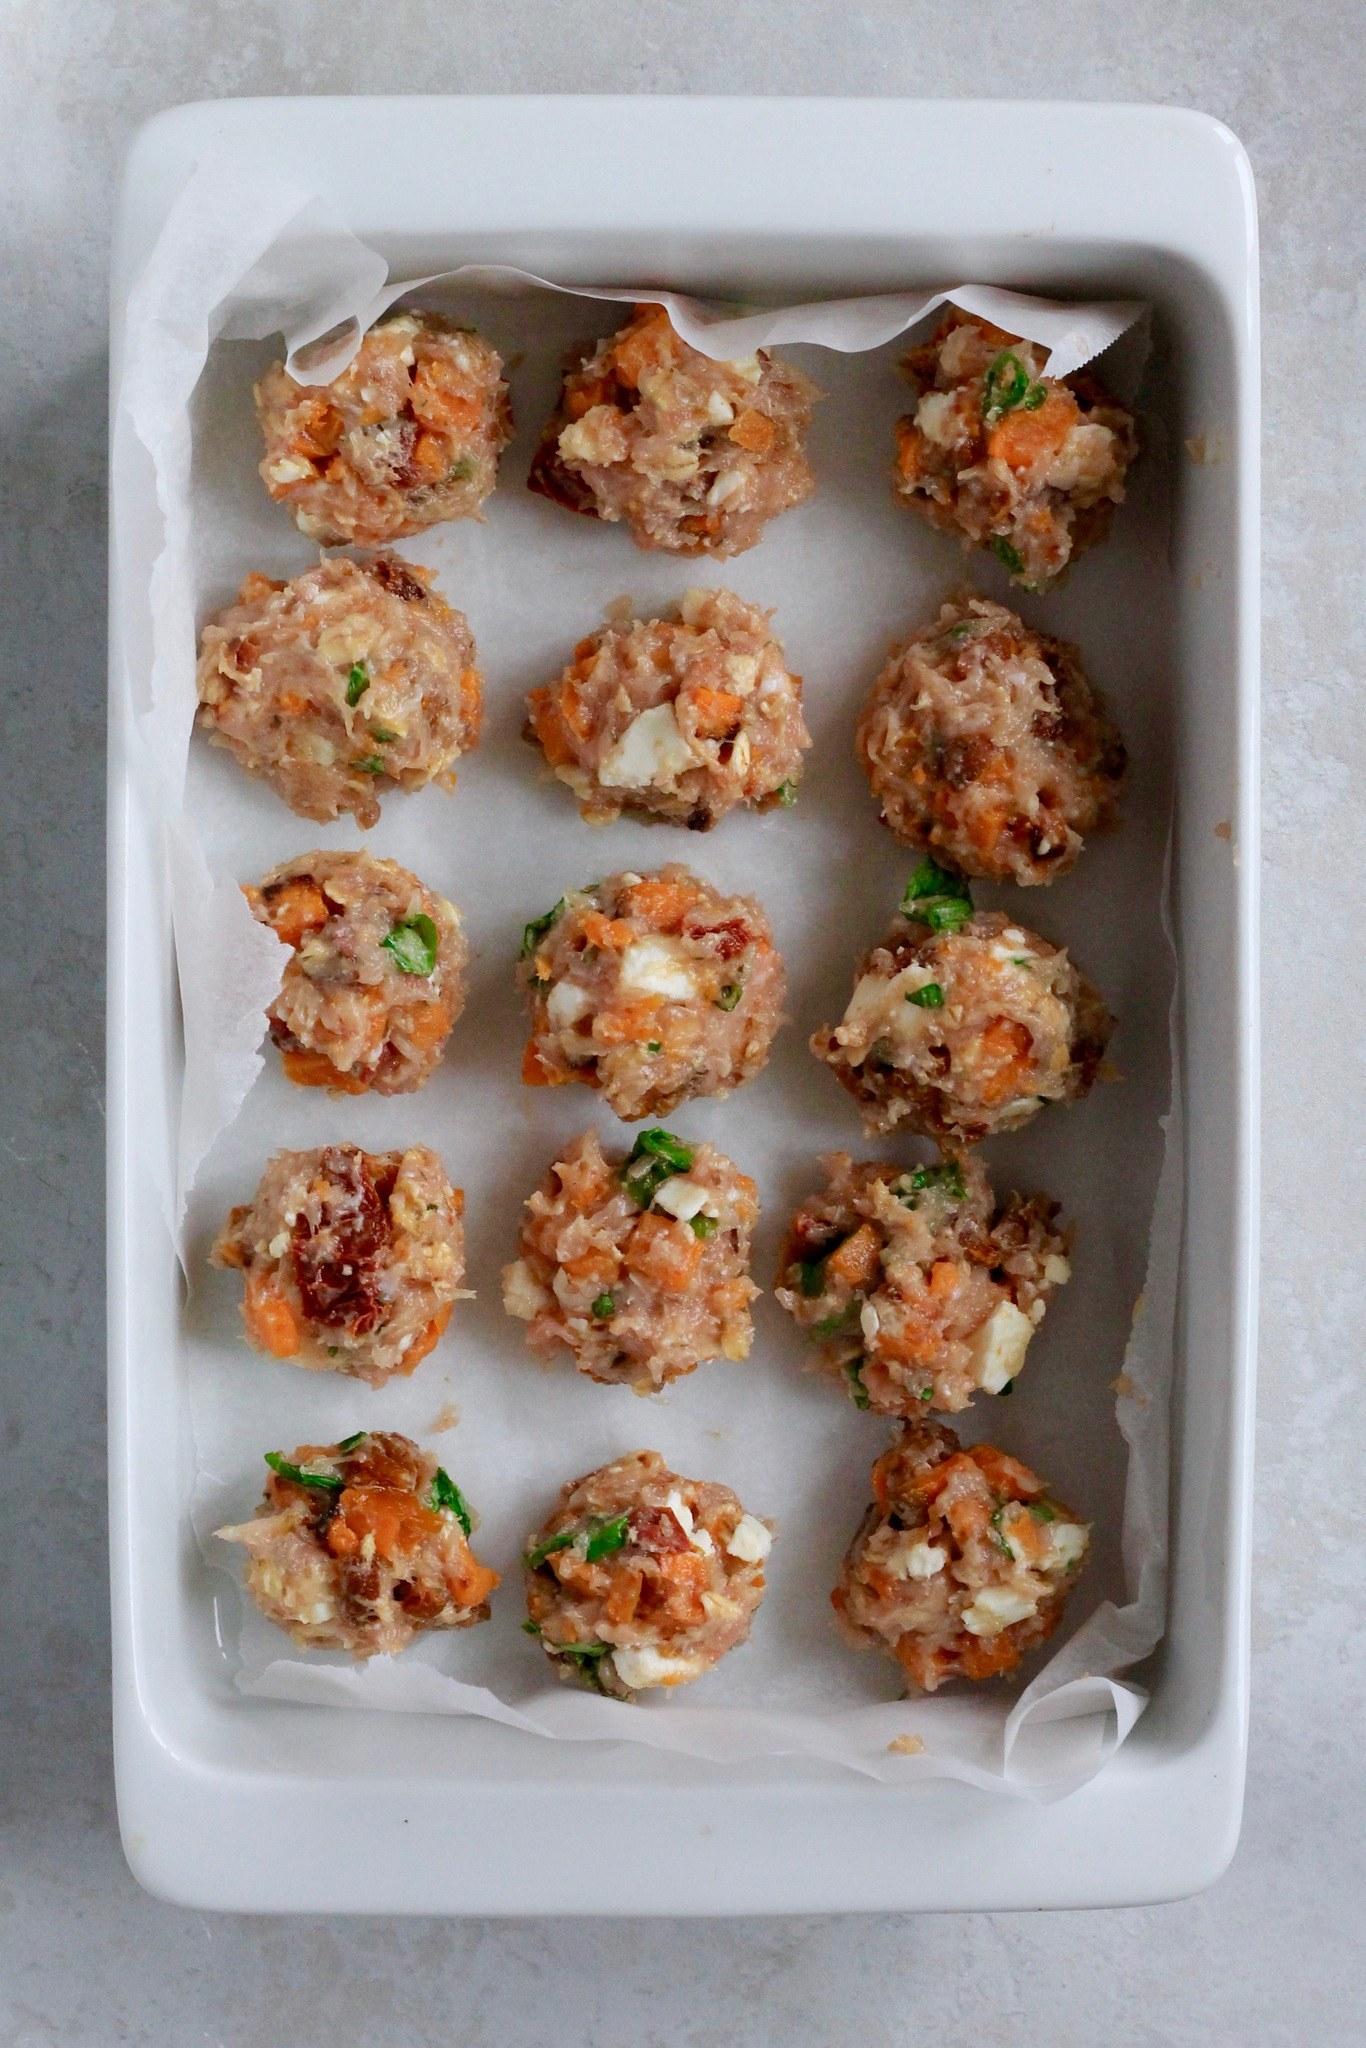 Ovnbagte kødboller med feta, søde kartofler og soltørrede tomater